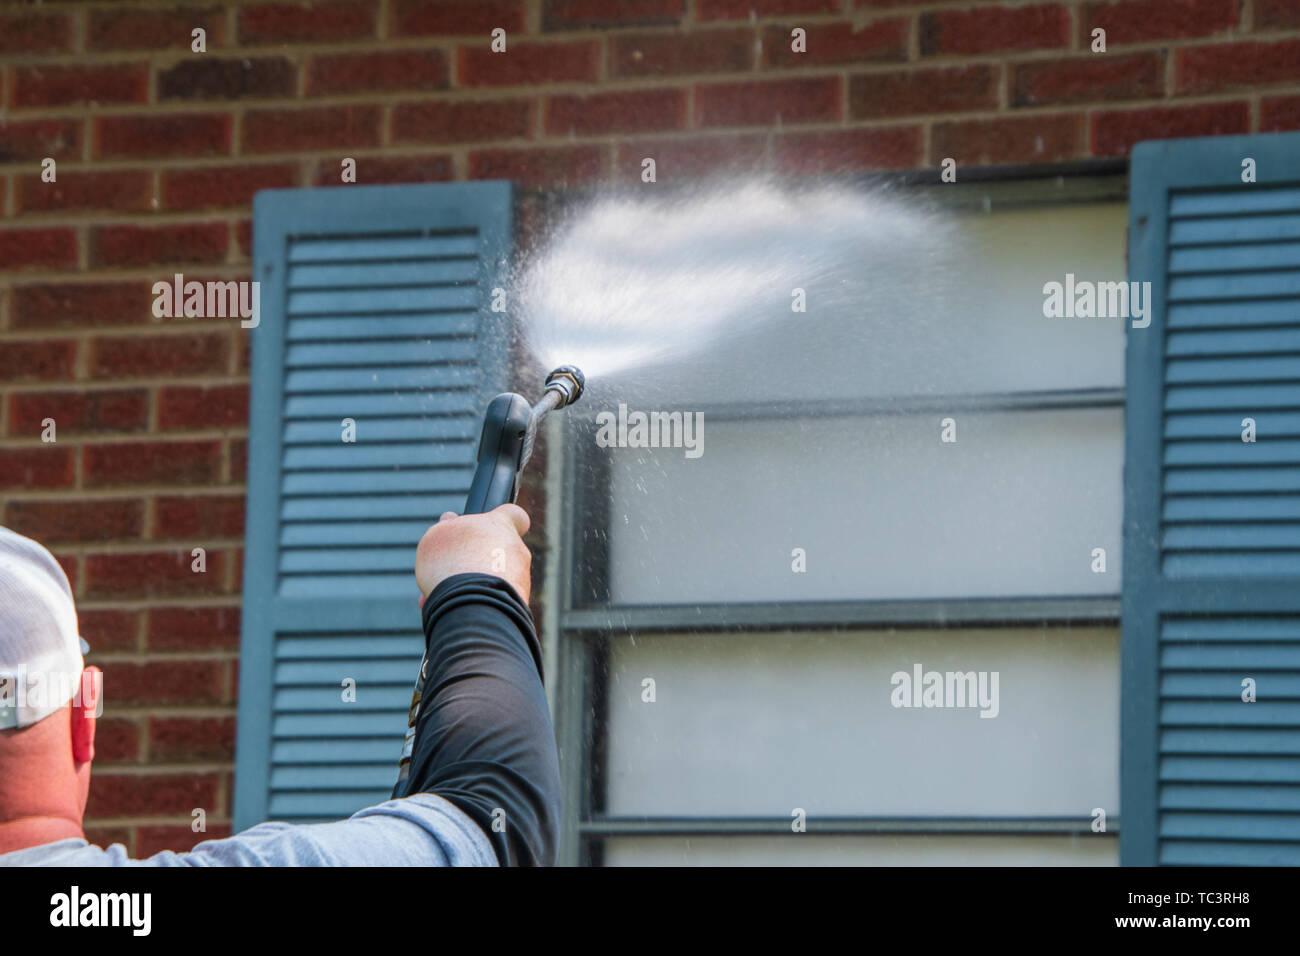 Brazo y mano sujetando una pulverizadora encaminadas a una ventana que tiene un obturador azul sobre una pared de ladrillo rojo. La boquilla está pulverizando una amplia agua en la ventana Imagen De Stock